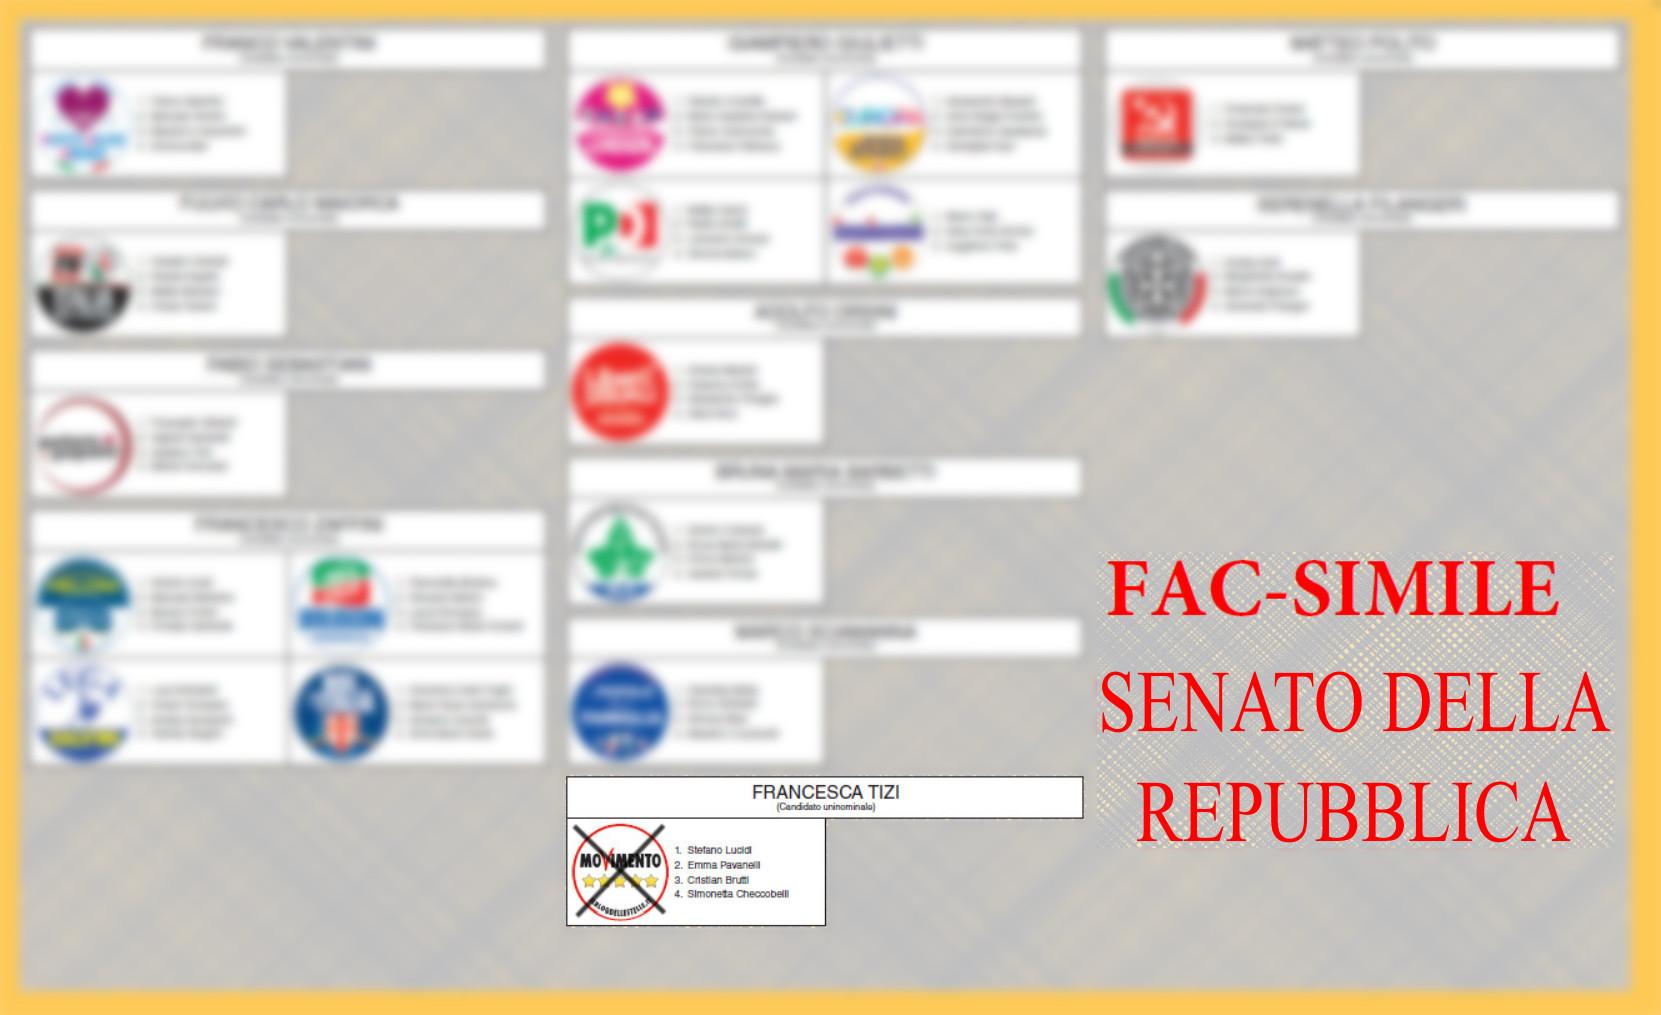 Elezioni politiche del 4 marzo 2018 for Senato della repubblica diretta